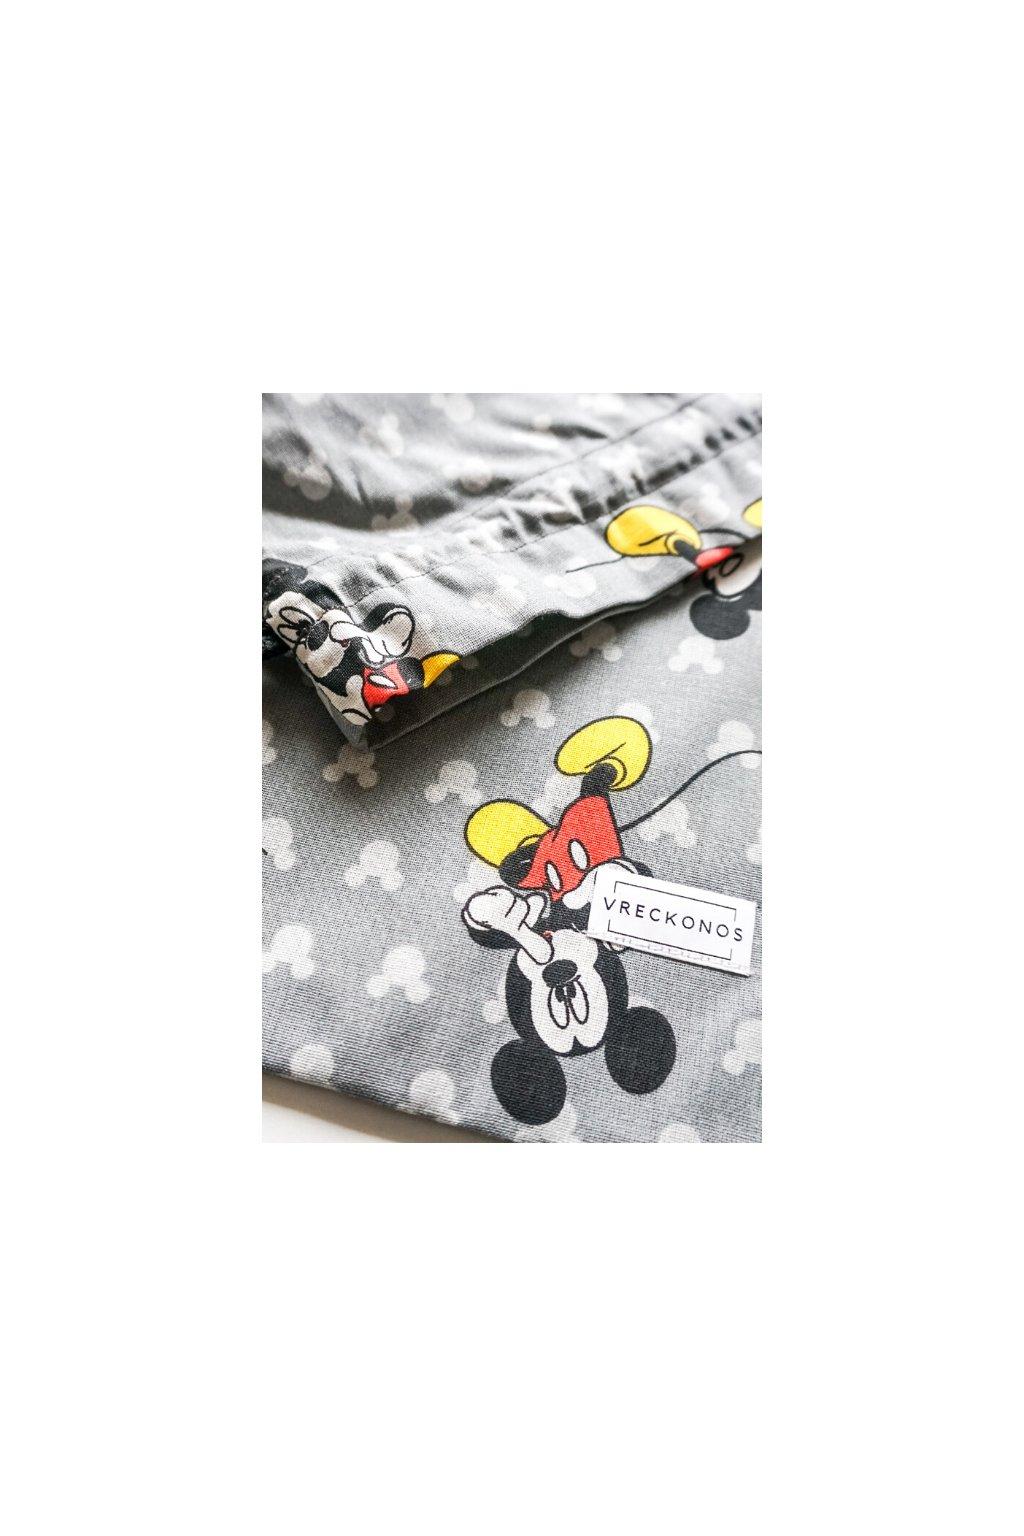 Mickey Mouse - látkové bavlnené vrecko na ovocie, zeleninu, pečivo, kozmetiku či papučky - Vreckonos